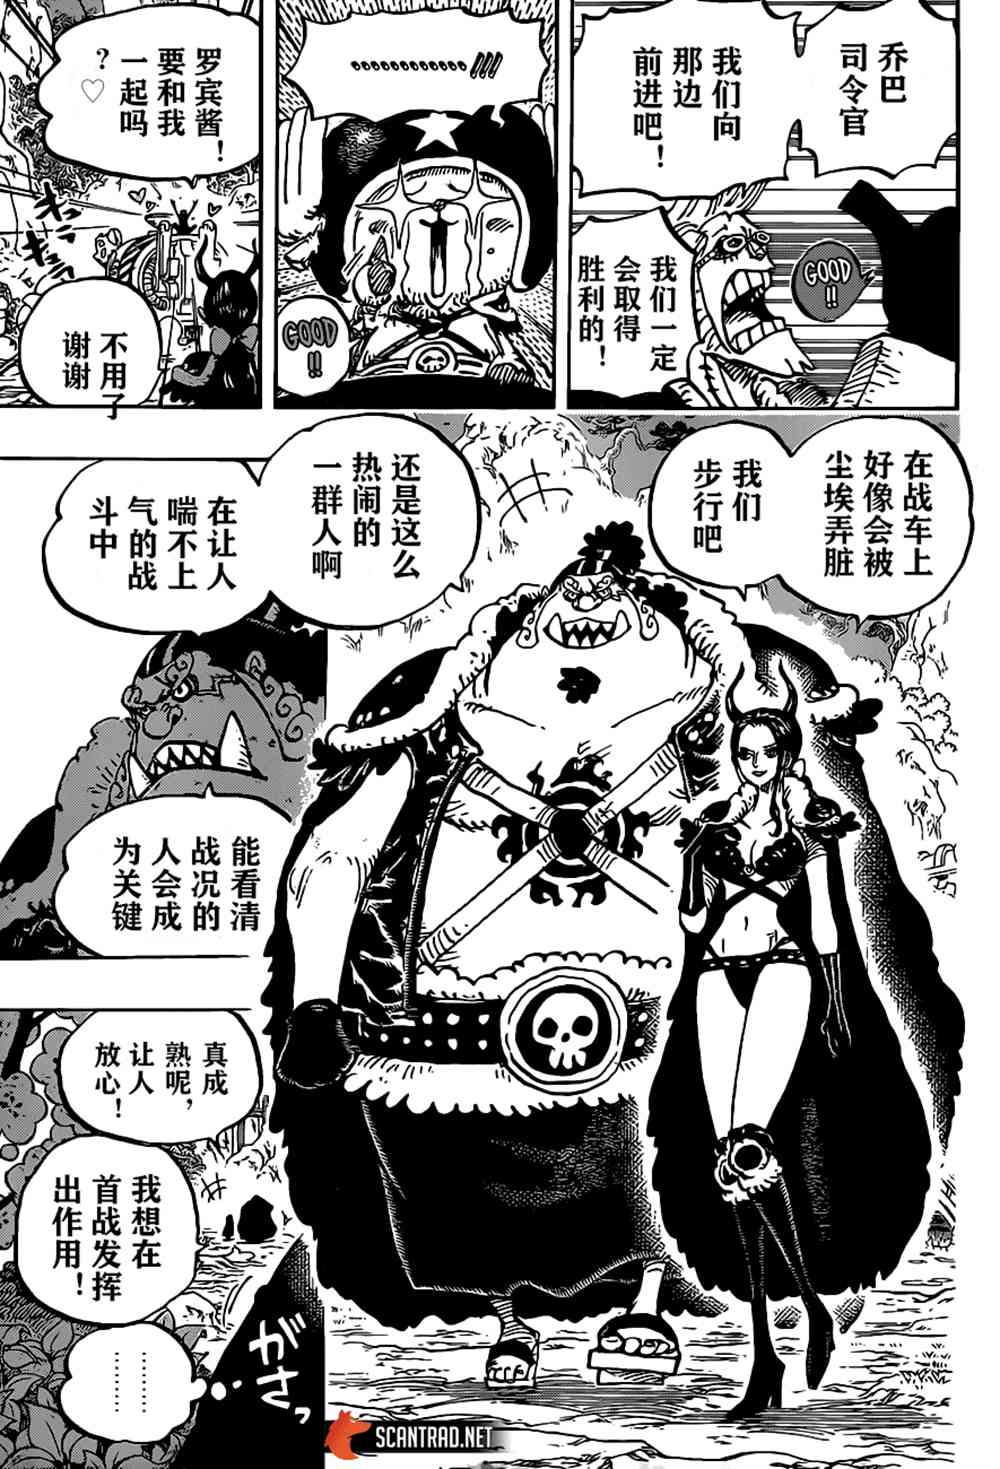 海賊王: 979话 家族问题 - 第9页